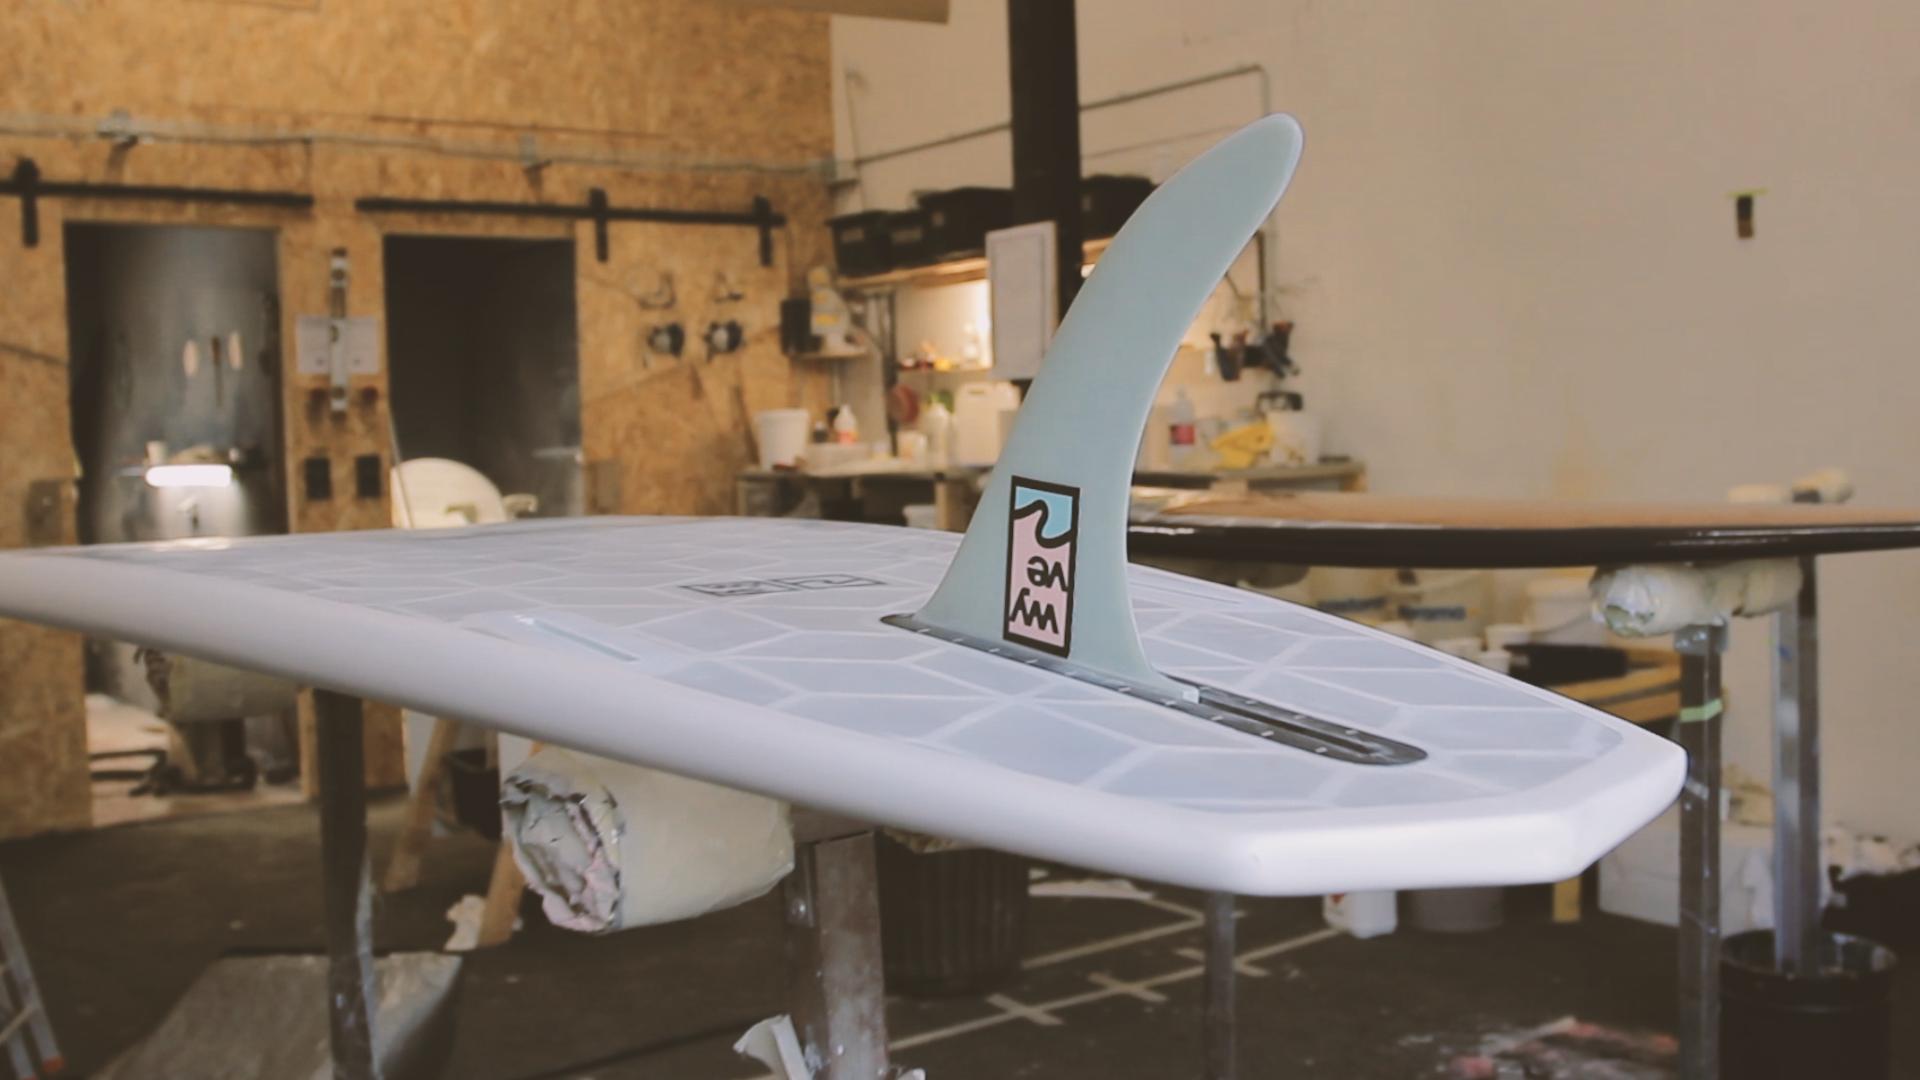 What surfboard fins should i get?